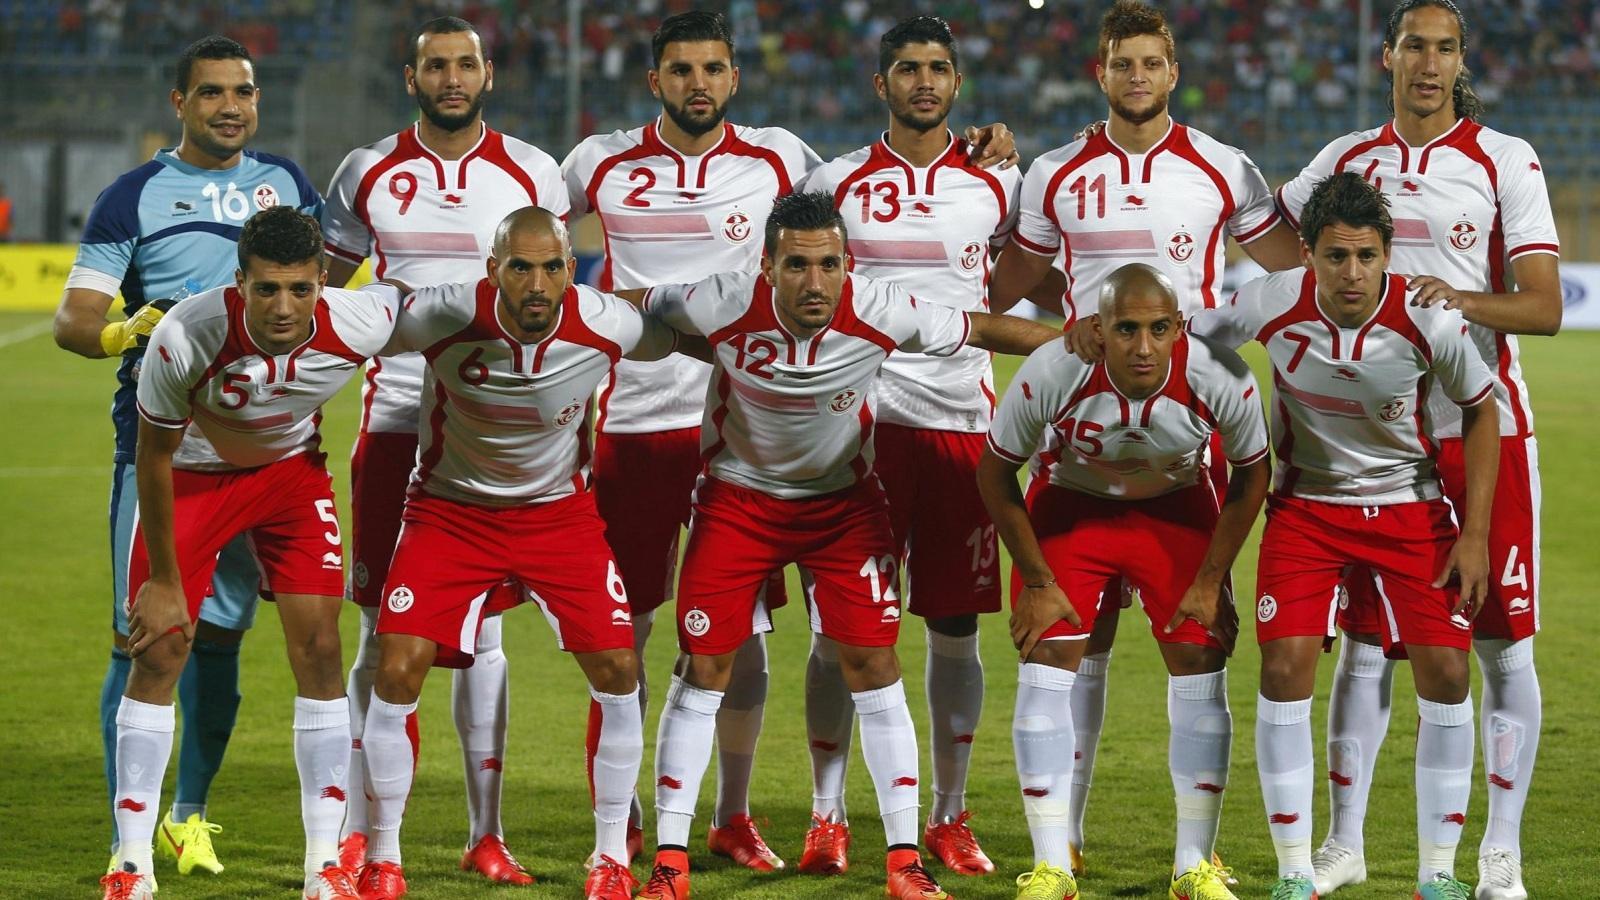 تونس تخوض مرانها الأول بمراكش   Le360 Sport بالعربية